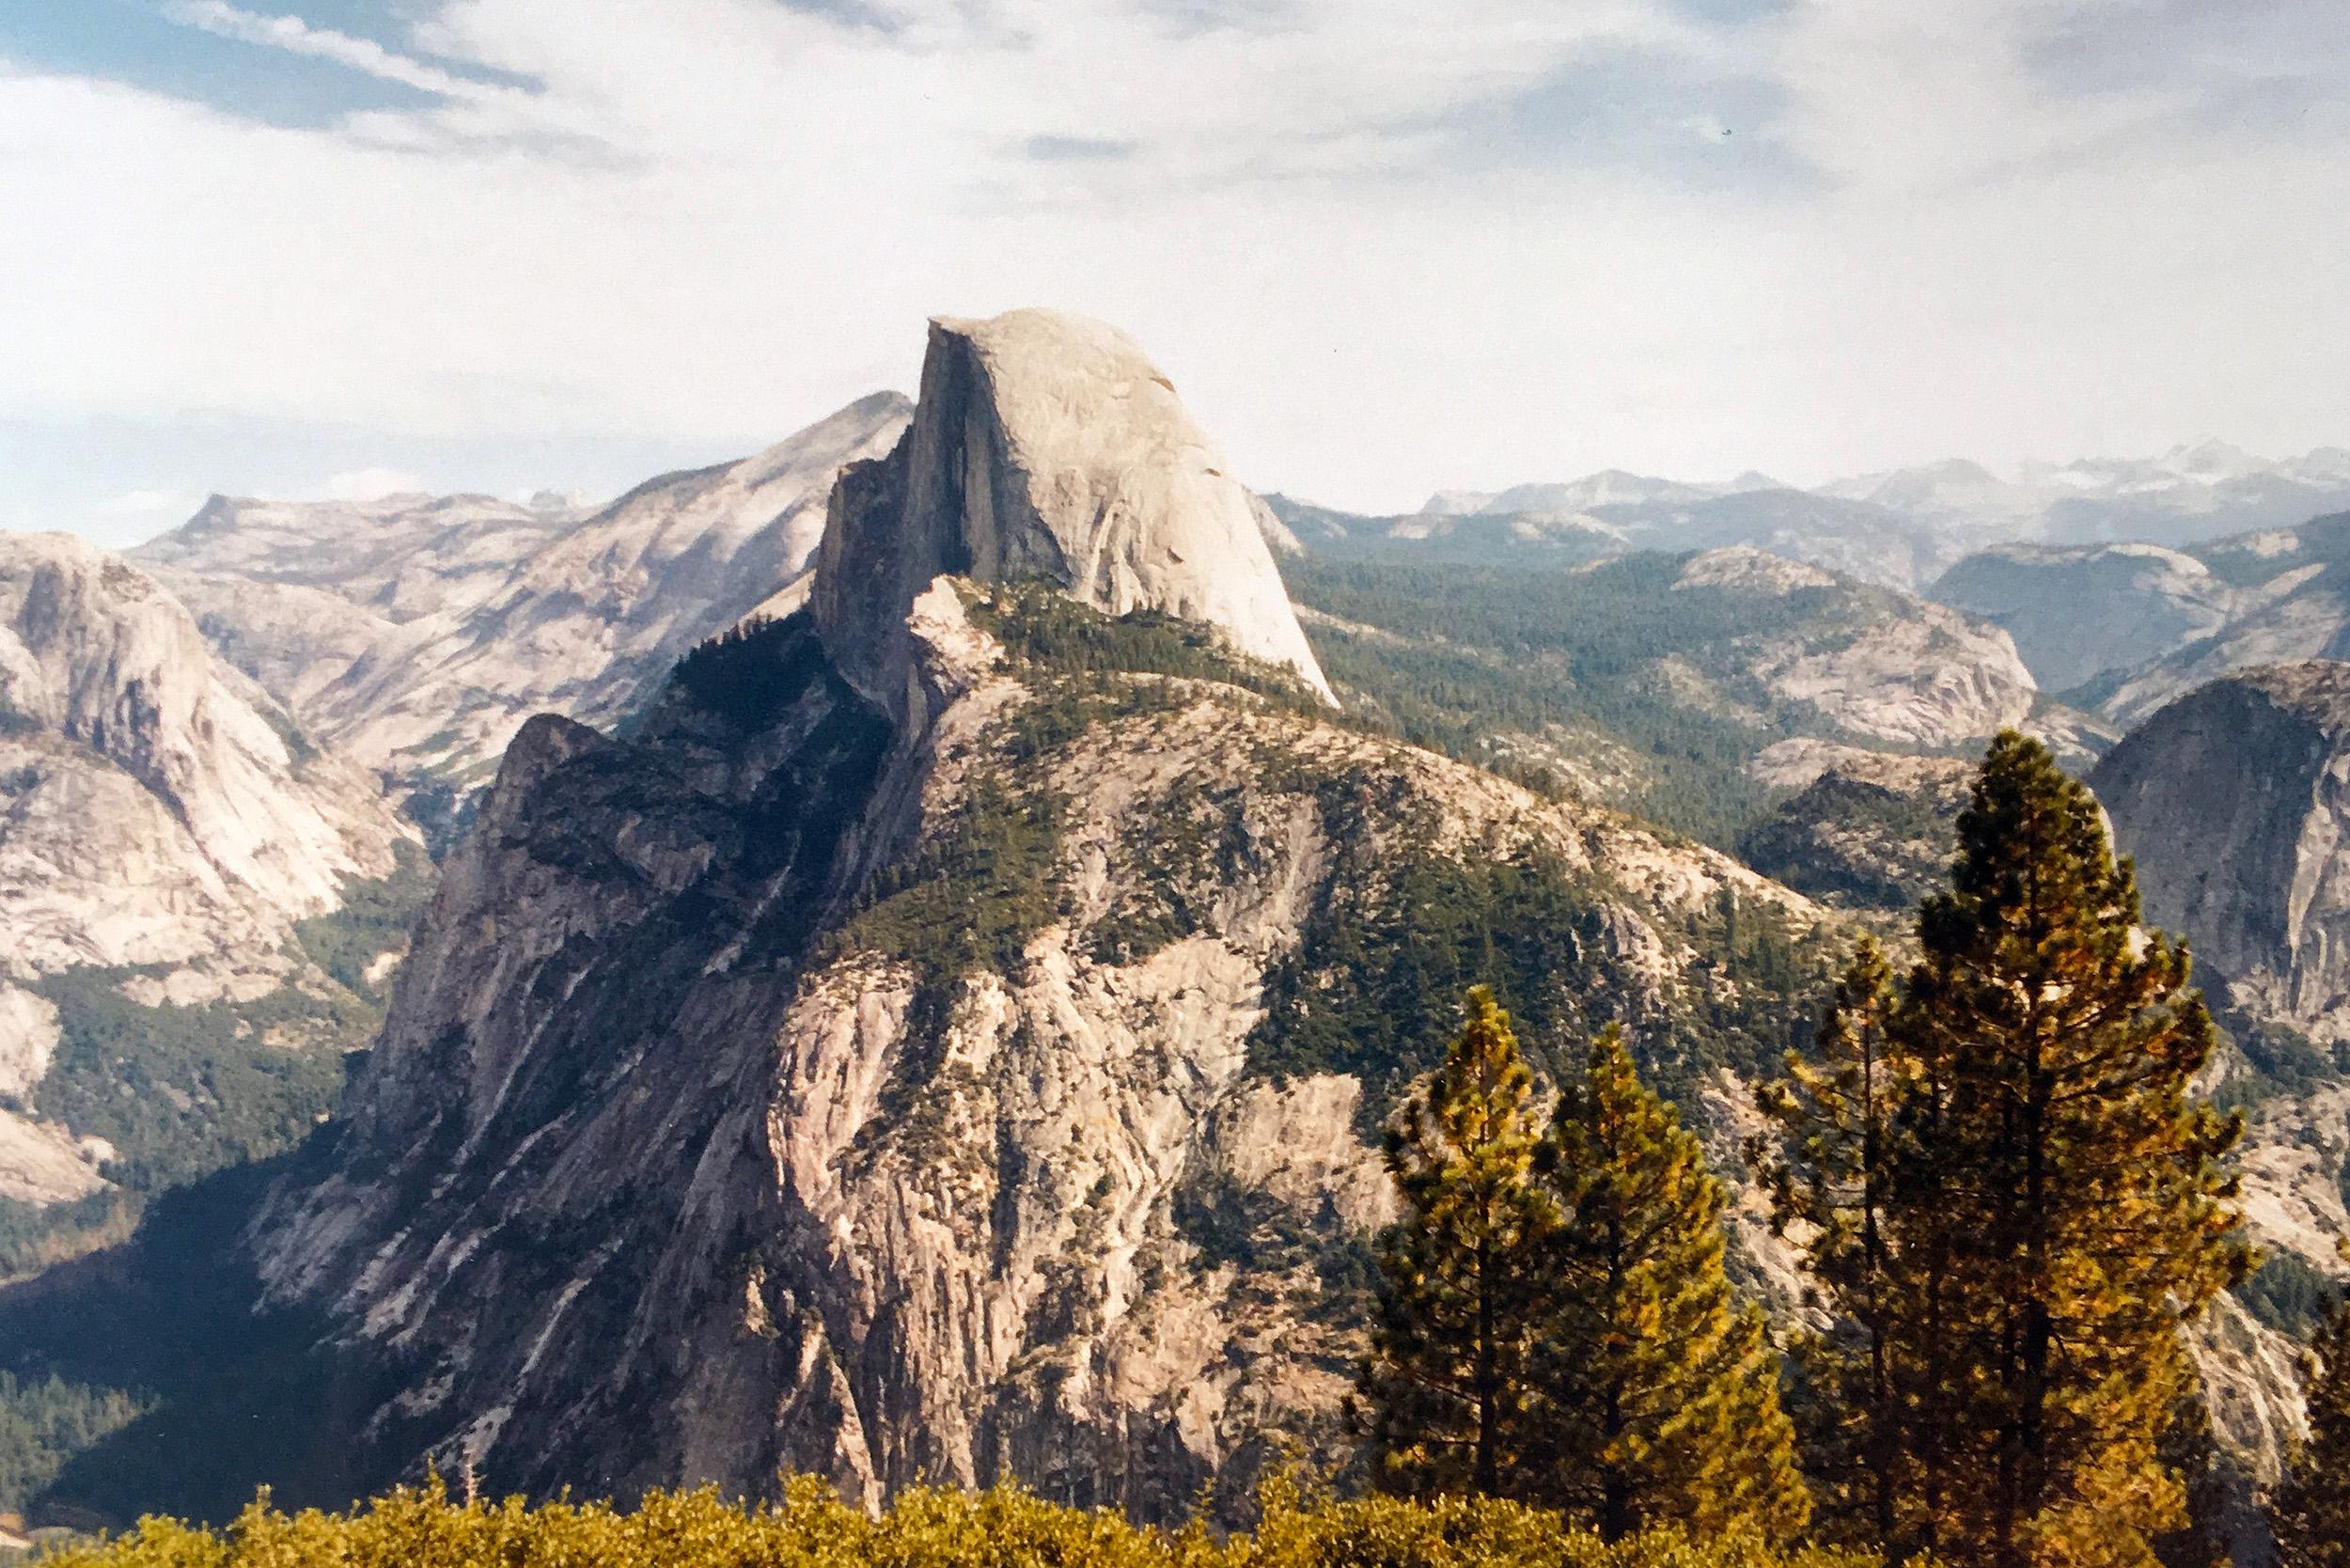 Half dome i Yosemite.